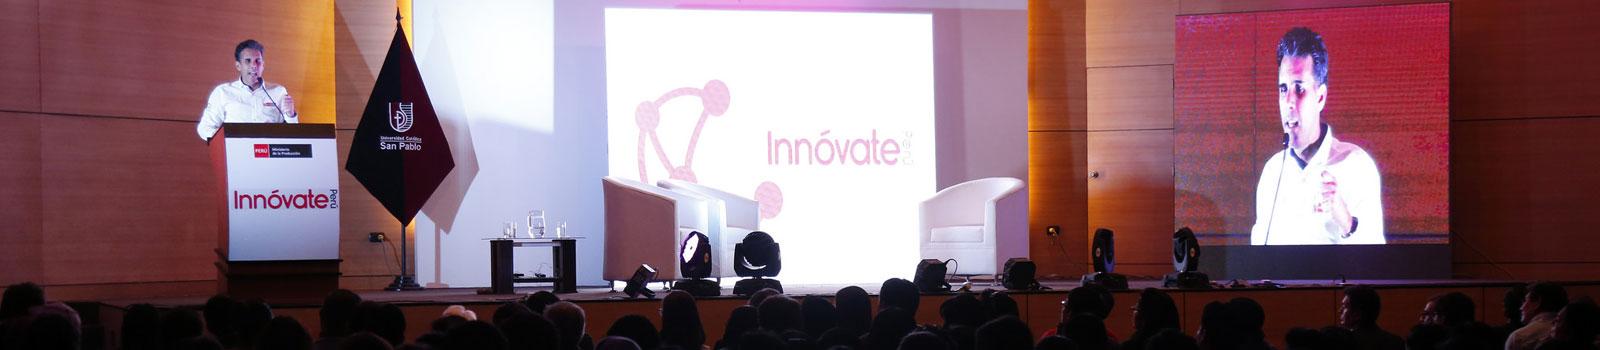 Gobierno invirtió diez veces más en proyectos de innovación en la región Arequipa